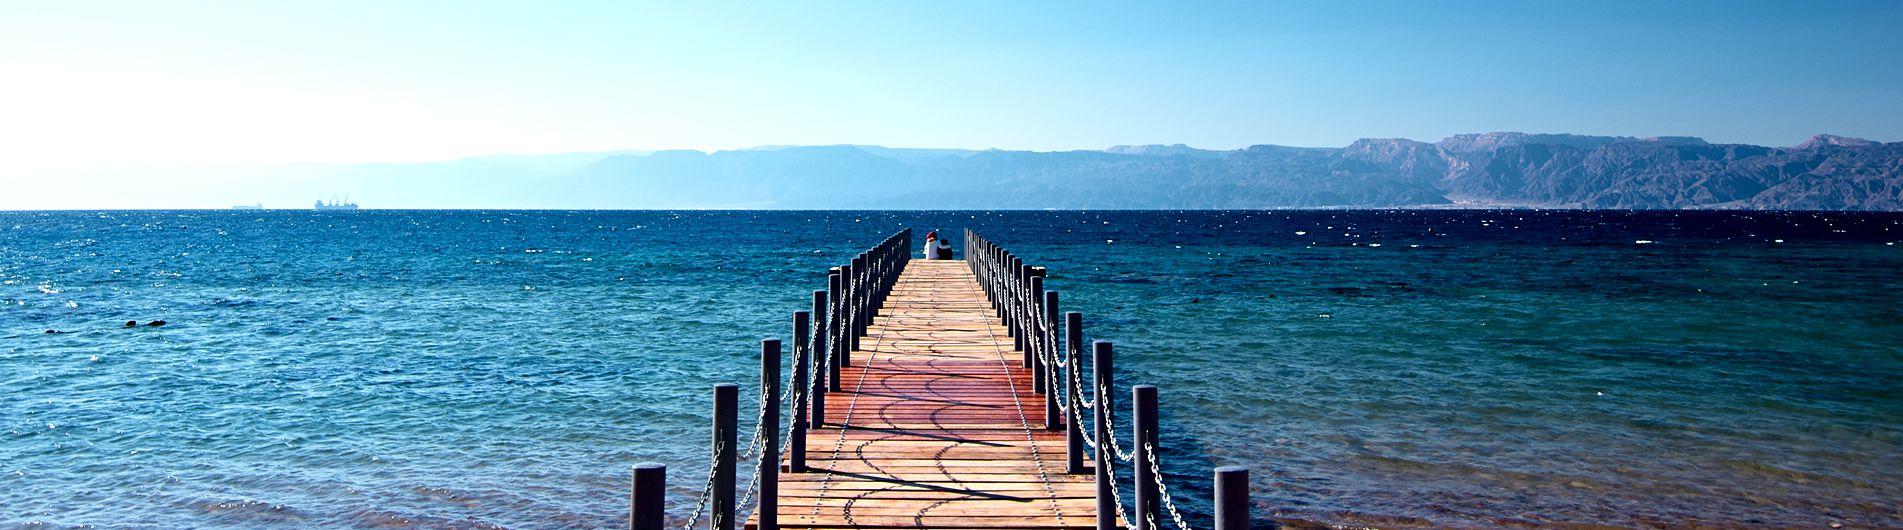 Aqaba Holidays